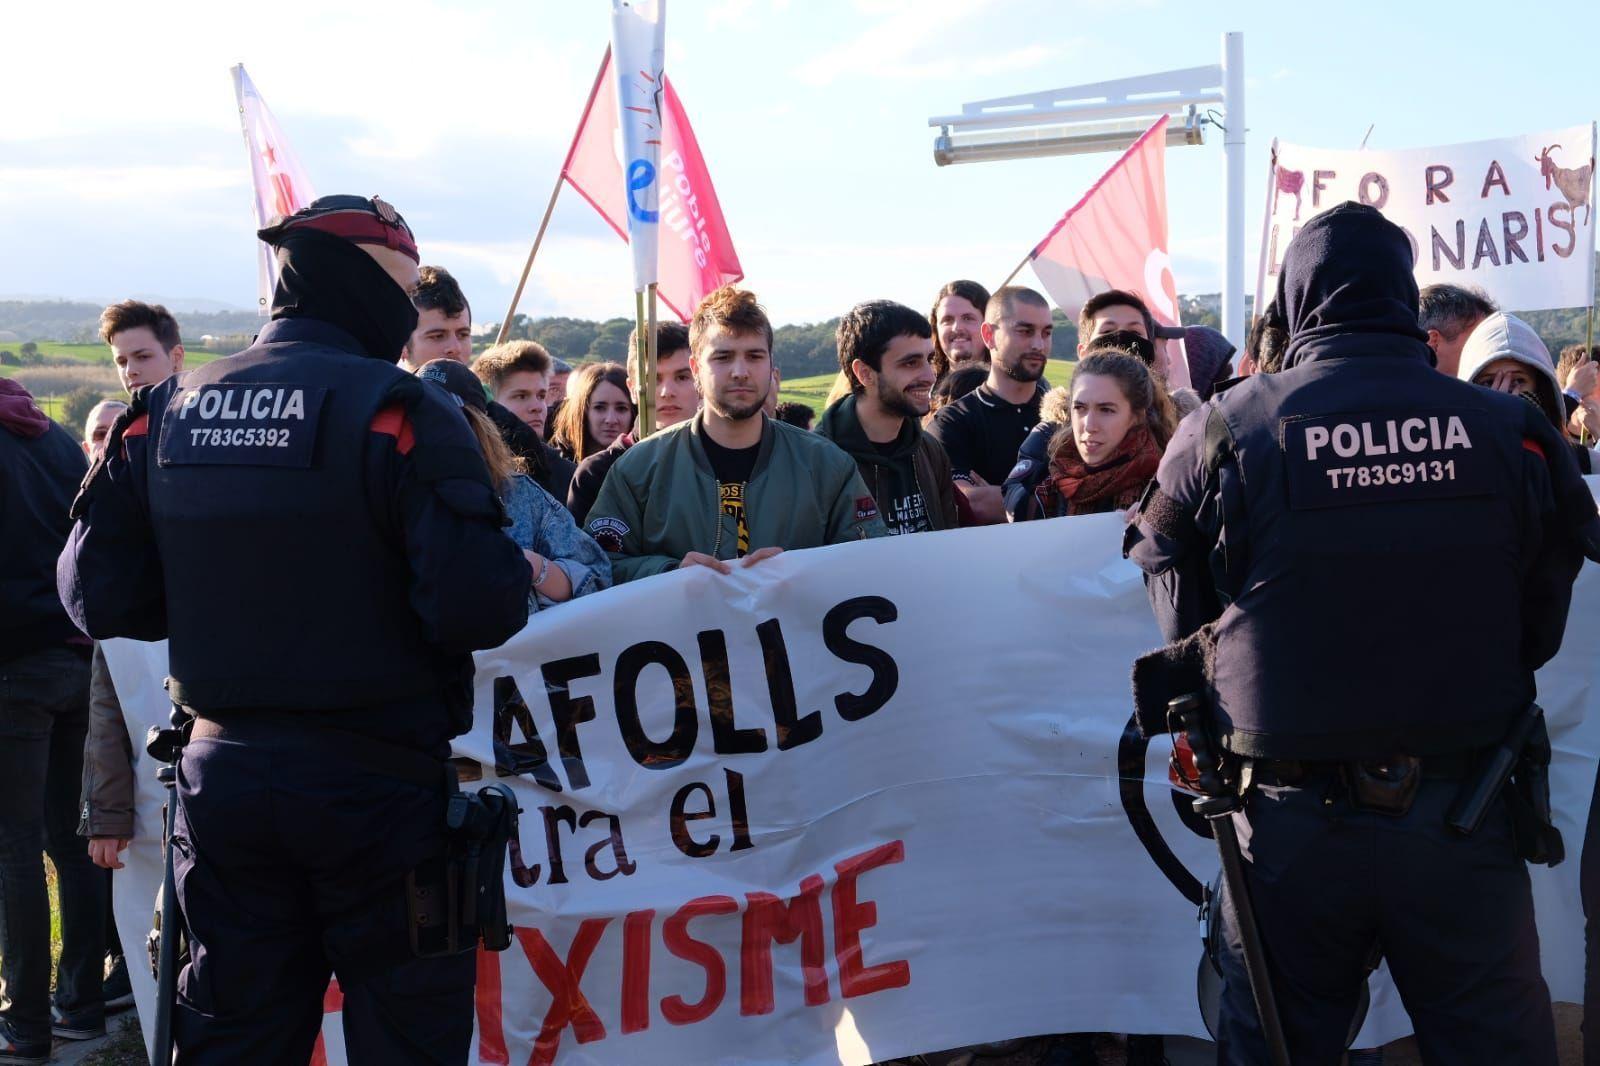 Mossos controlando a manifestantes cerca de la manifestación